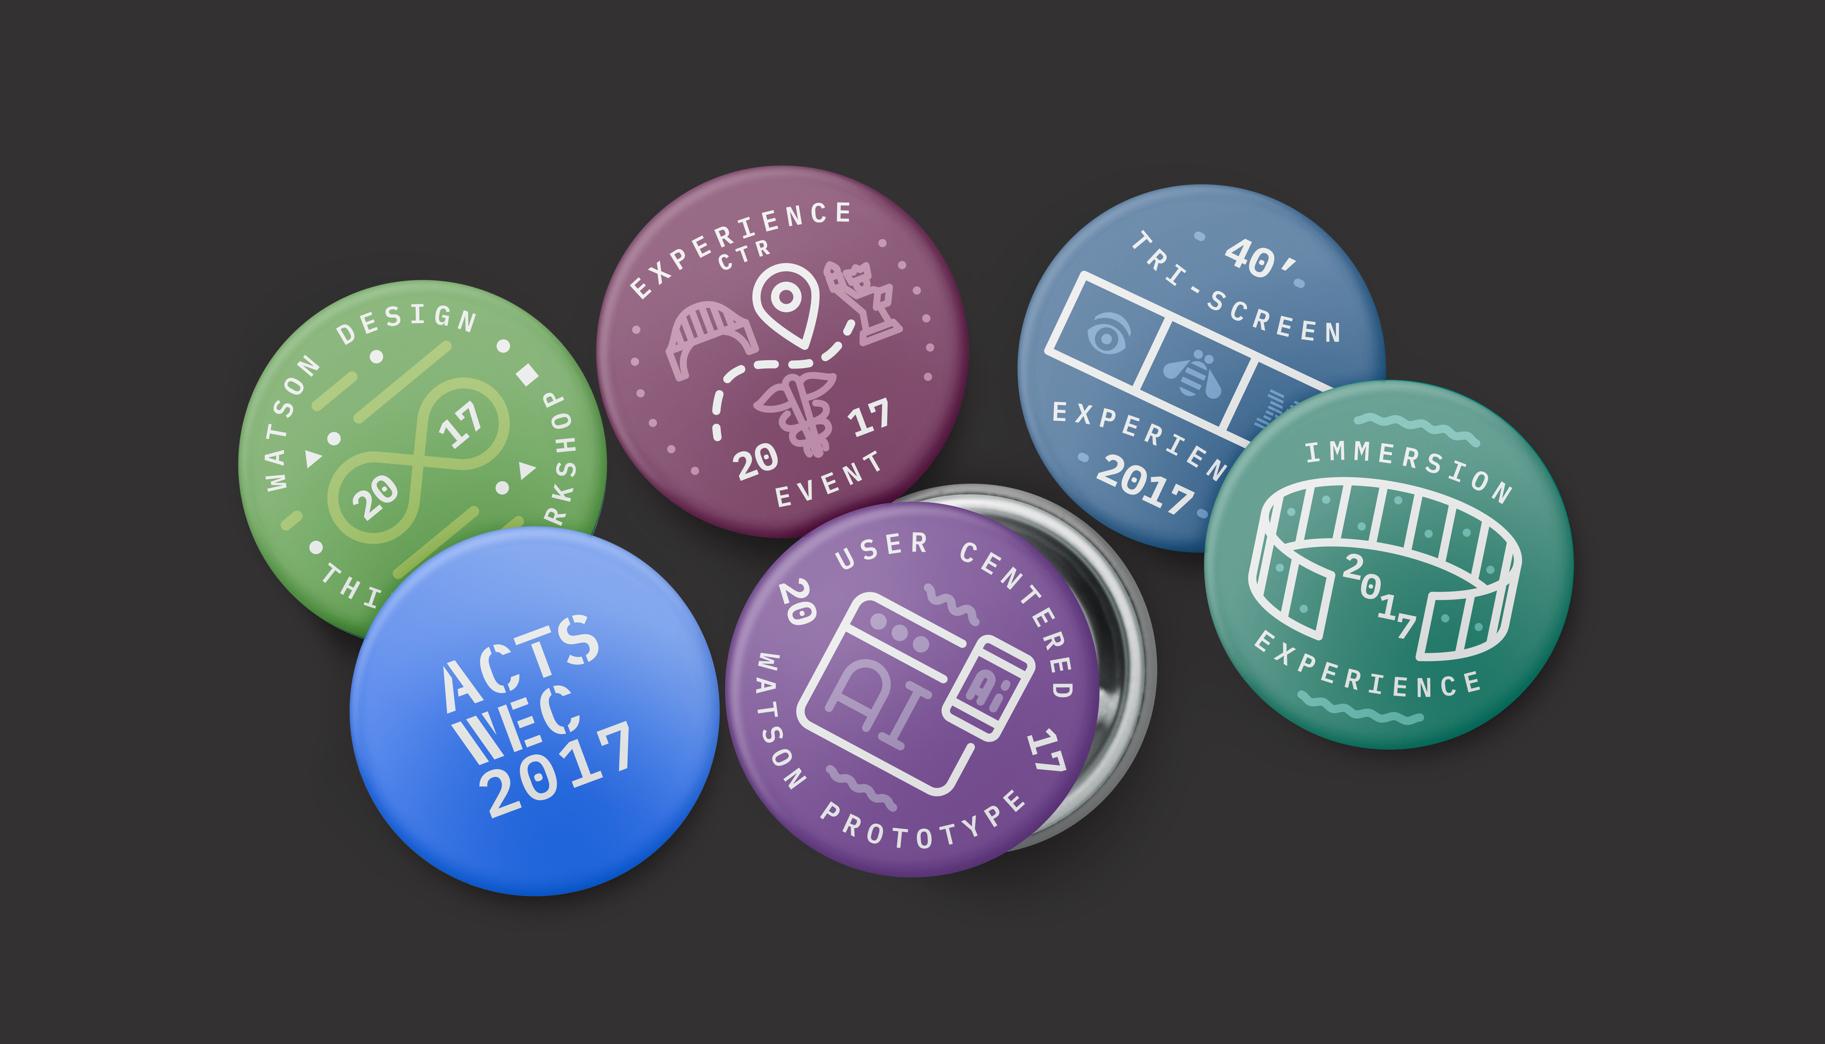 2017 ACTS/WEC team pins